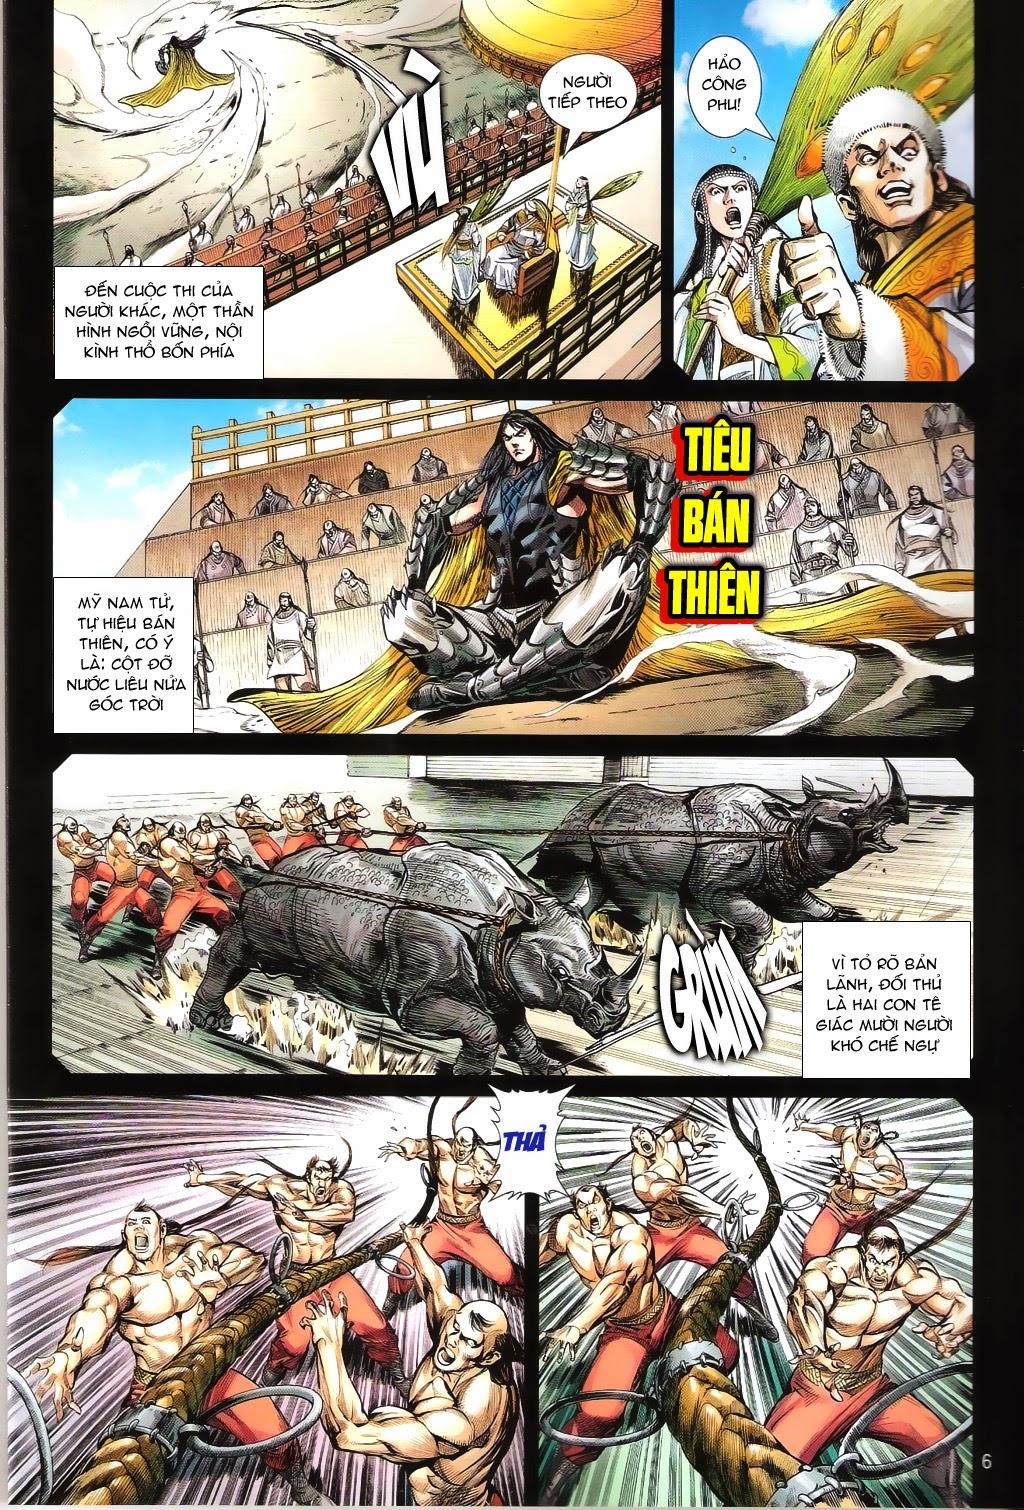 truyện tranh thiết tướng tung hoành Chapter 100/